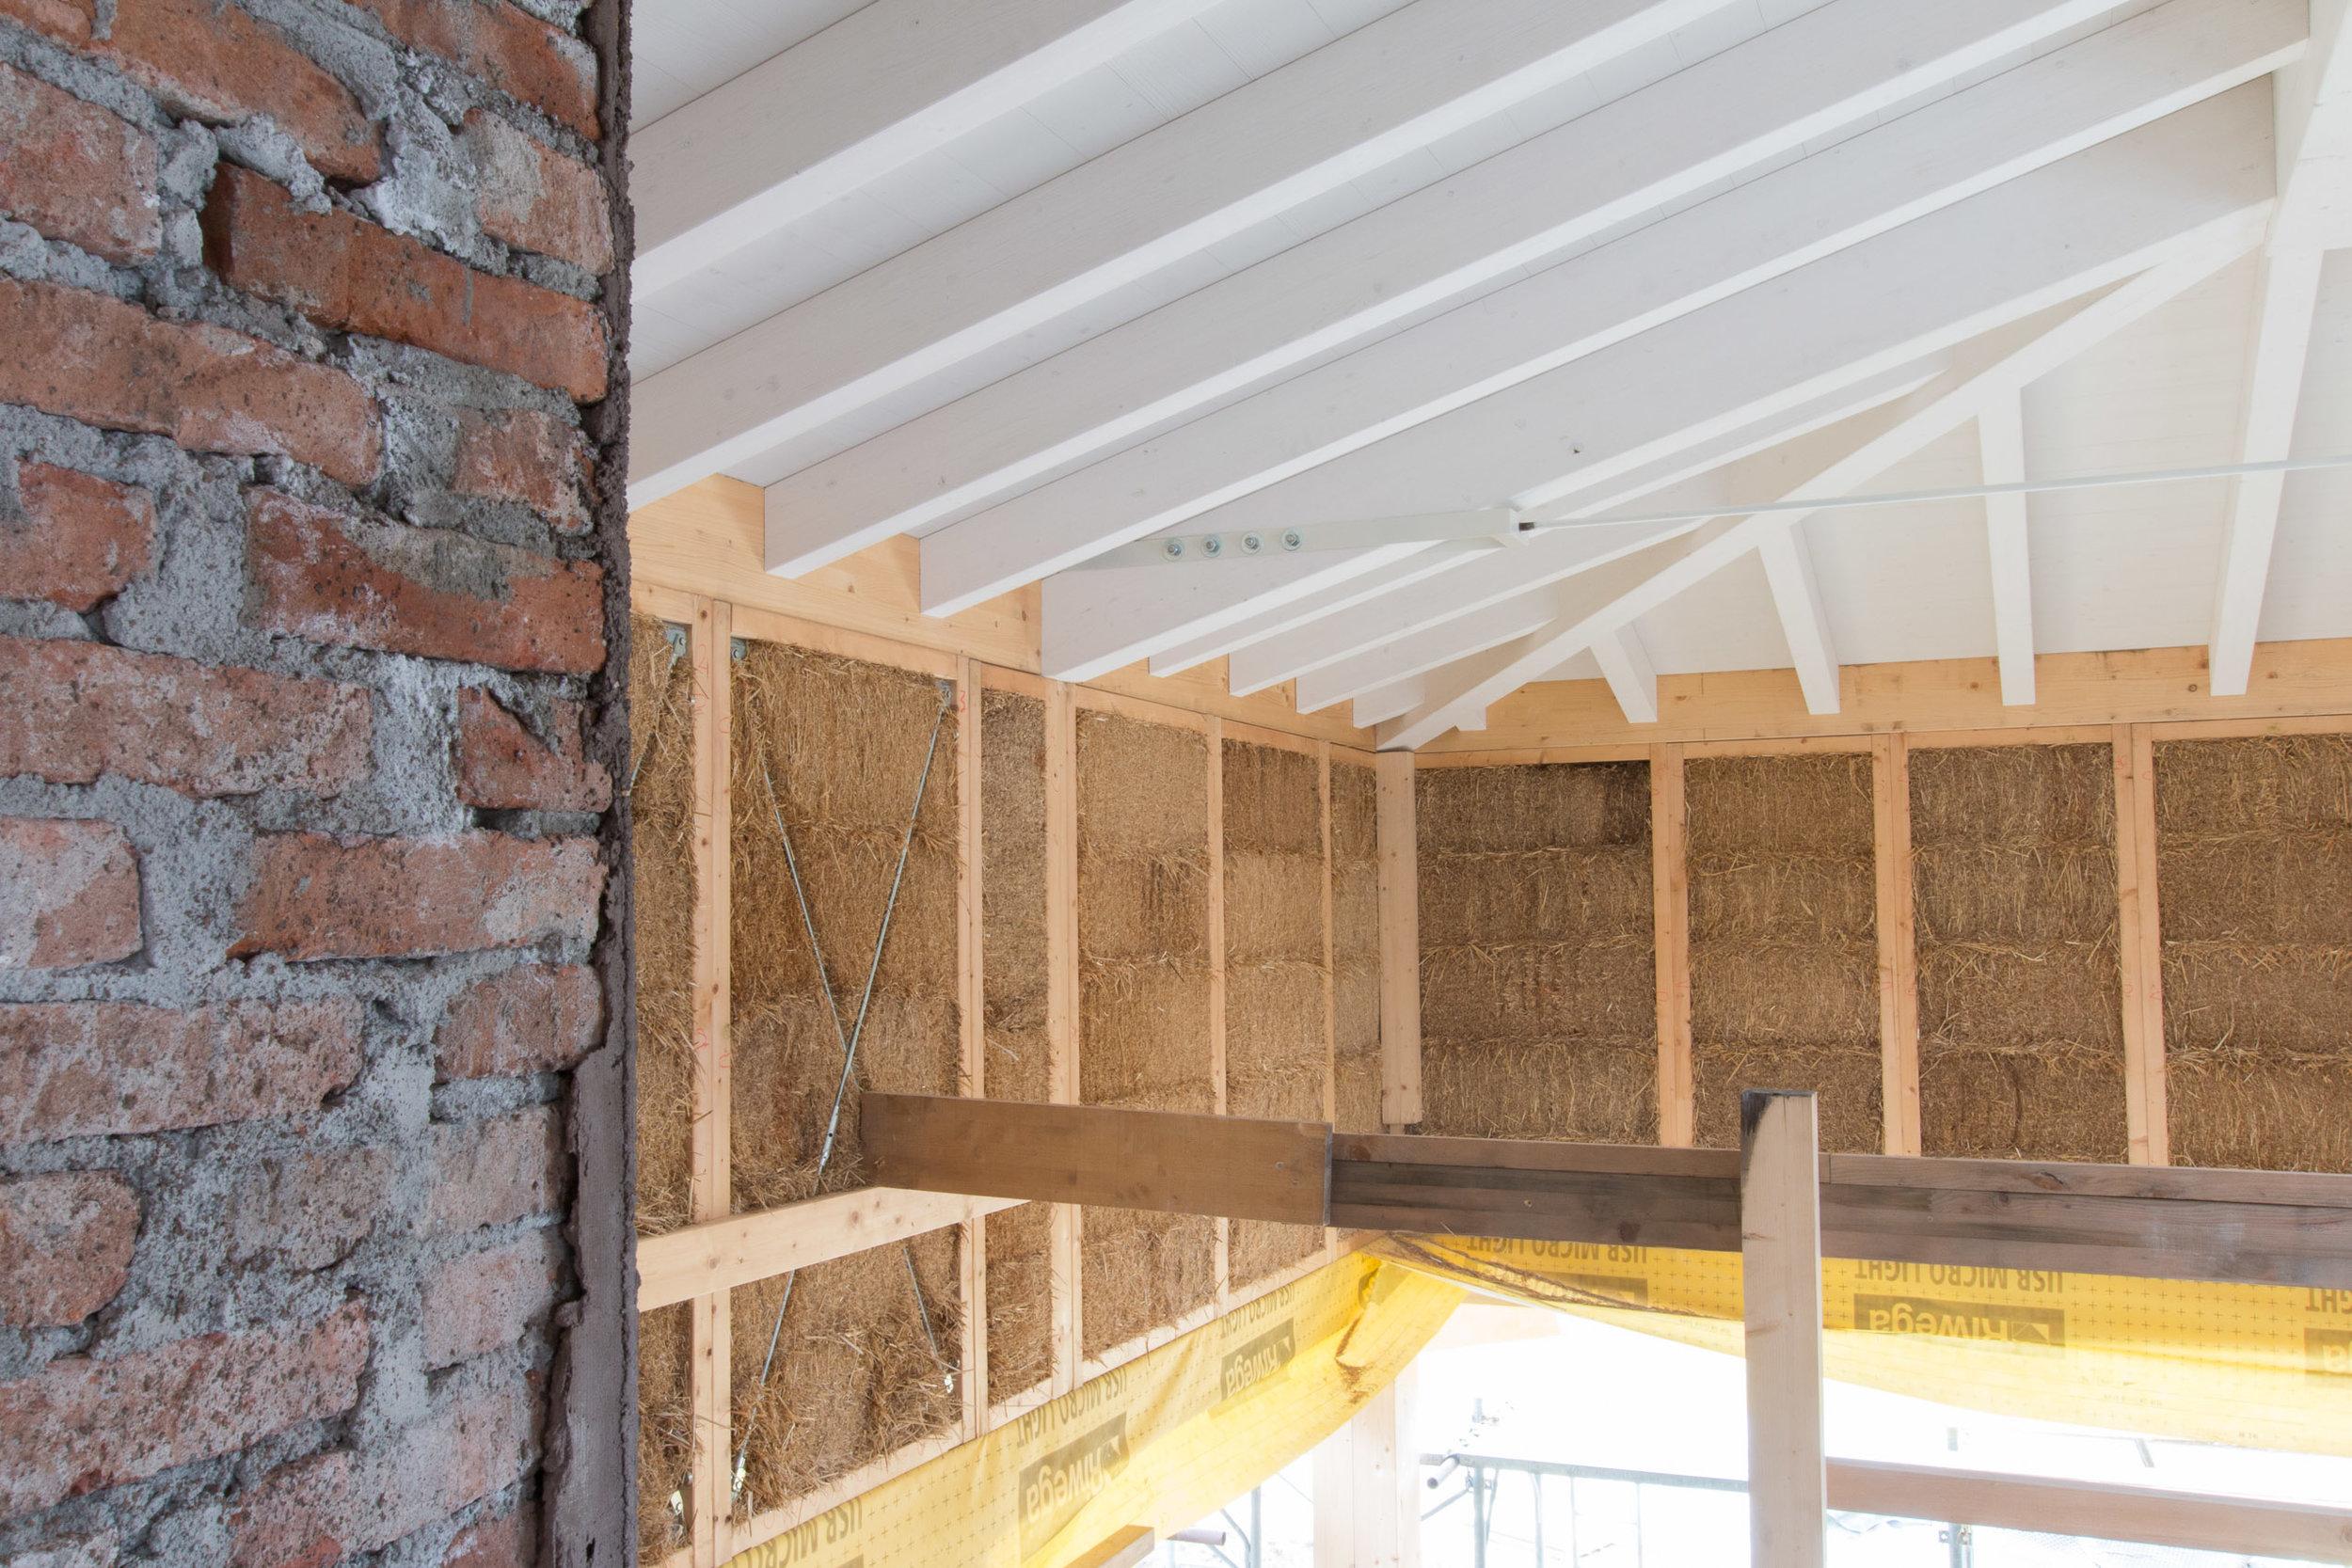 Il tetto in paglia posato sui muri prefabbricati in legno e paglia